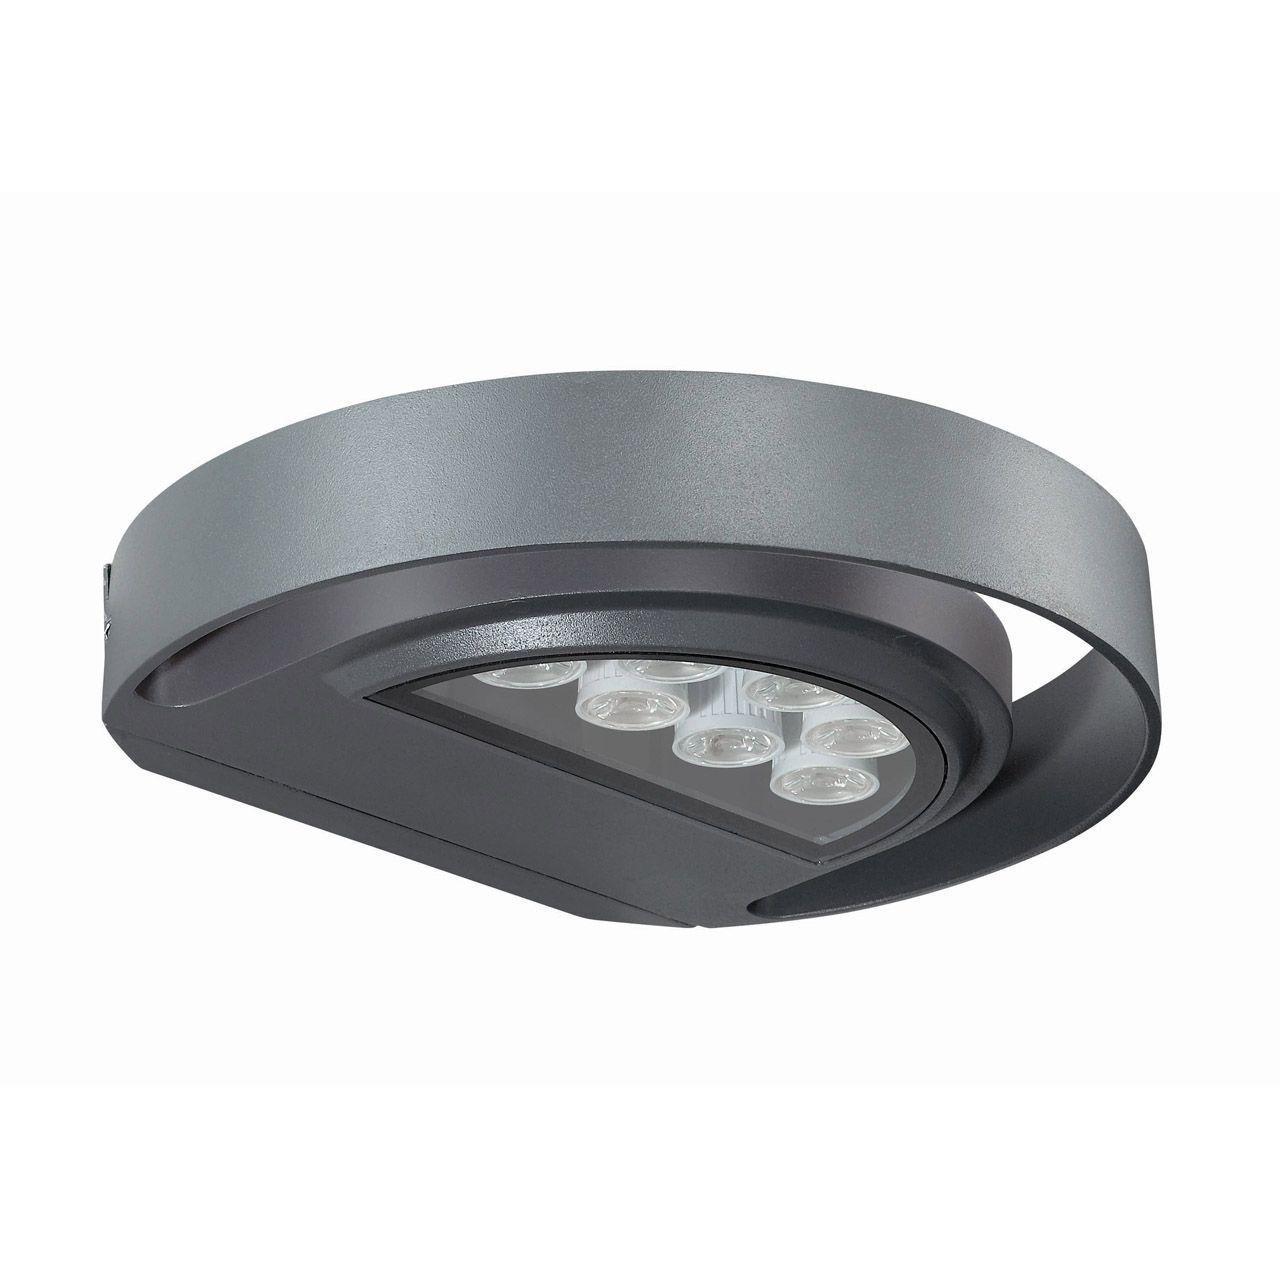 Уличный светильник Novotech 357423, LED